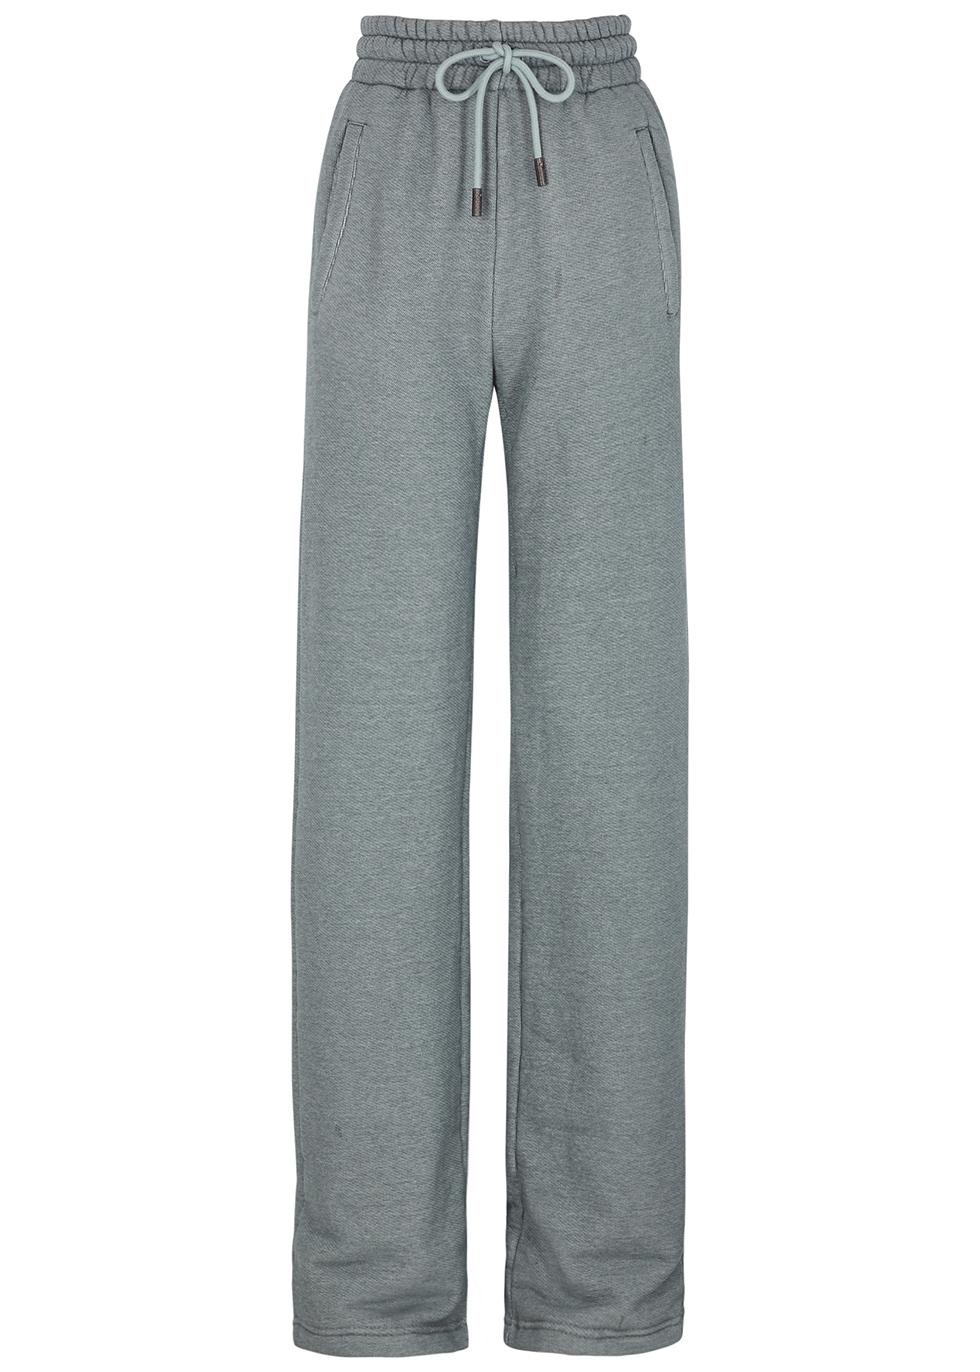 Diag grey cotton-blend sweatpants